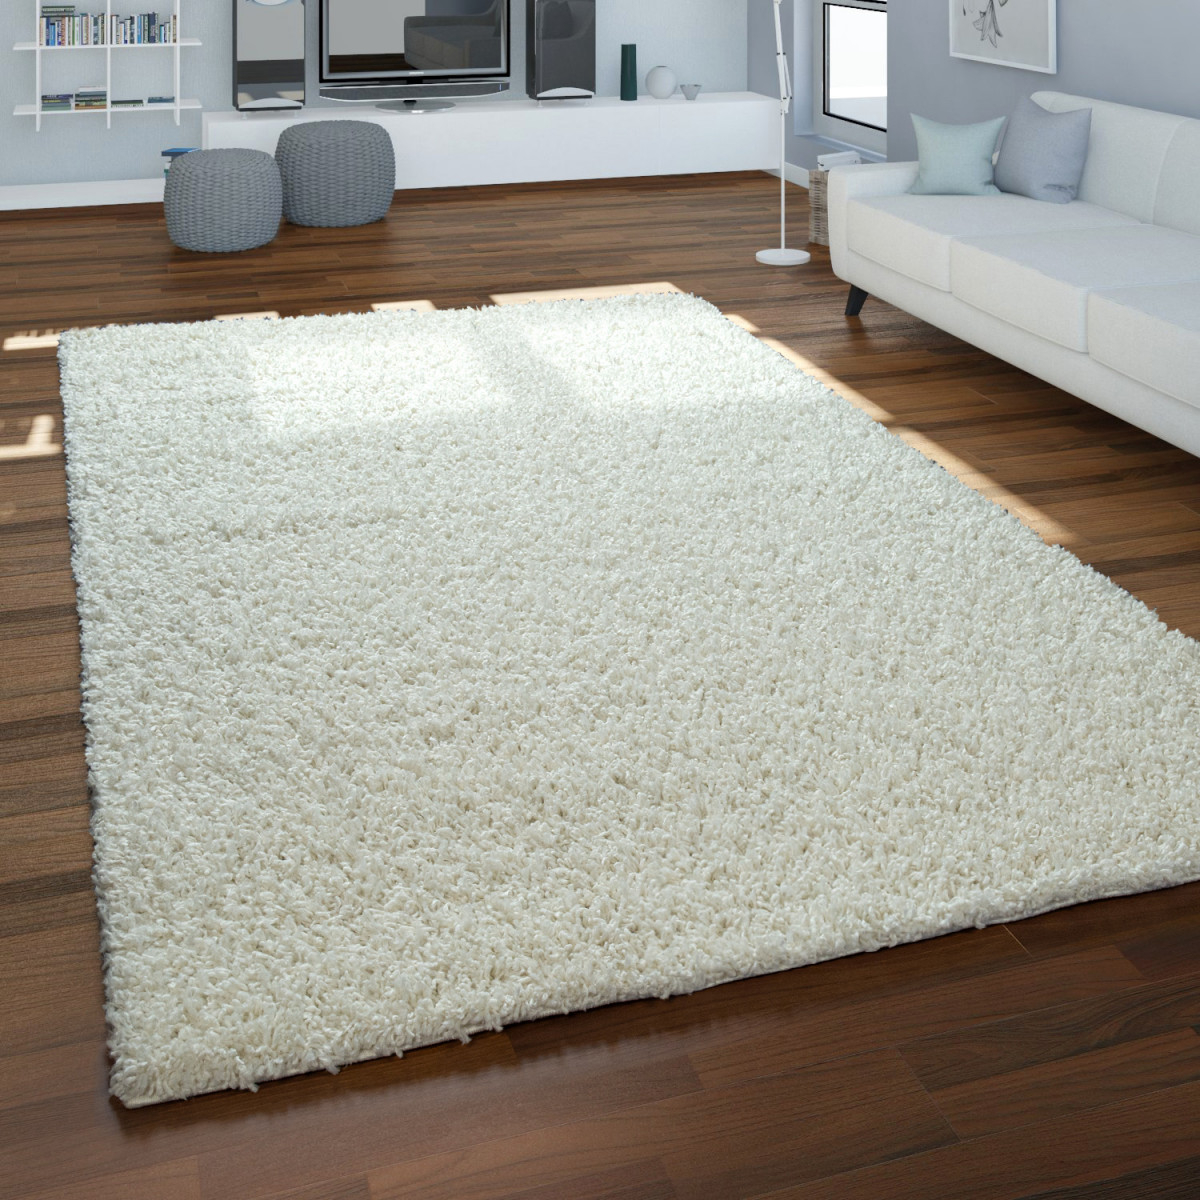 Hochflor Teppich Wohnzimmer Kuschelig Weich Shaggy Creme von Teppich Wohnzimmer Hochflor Photo